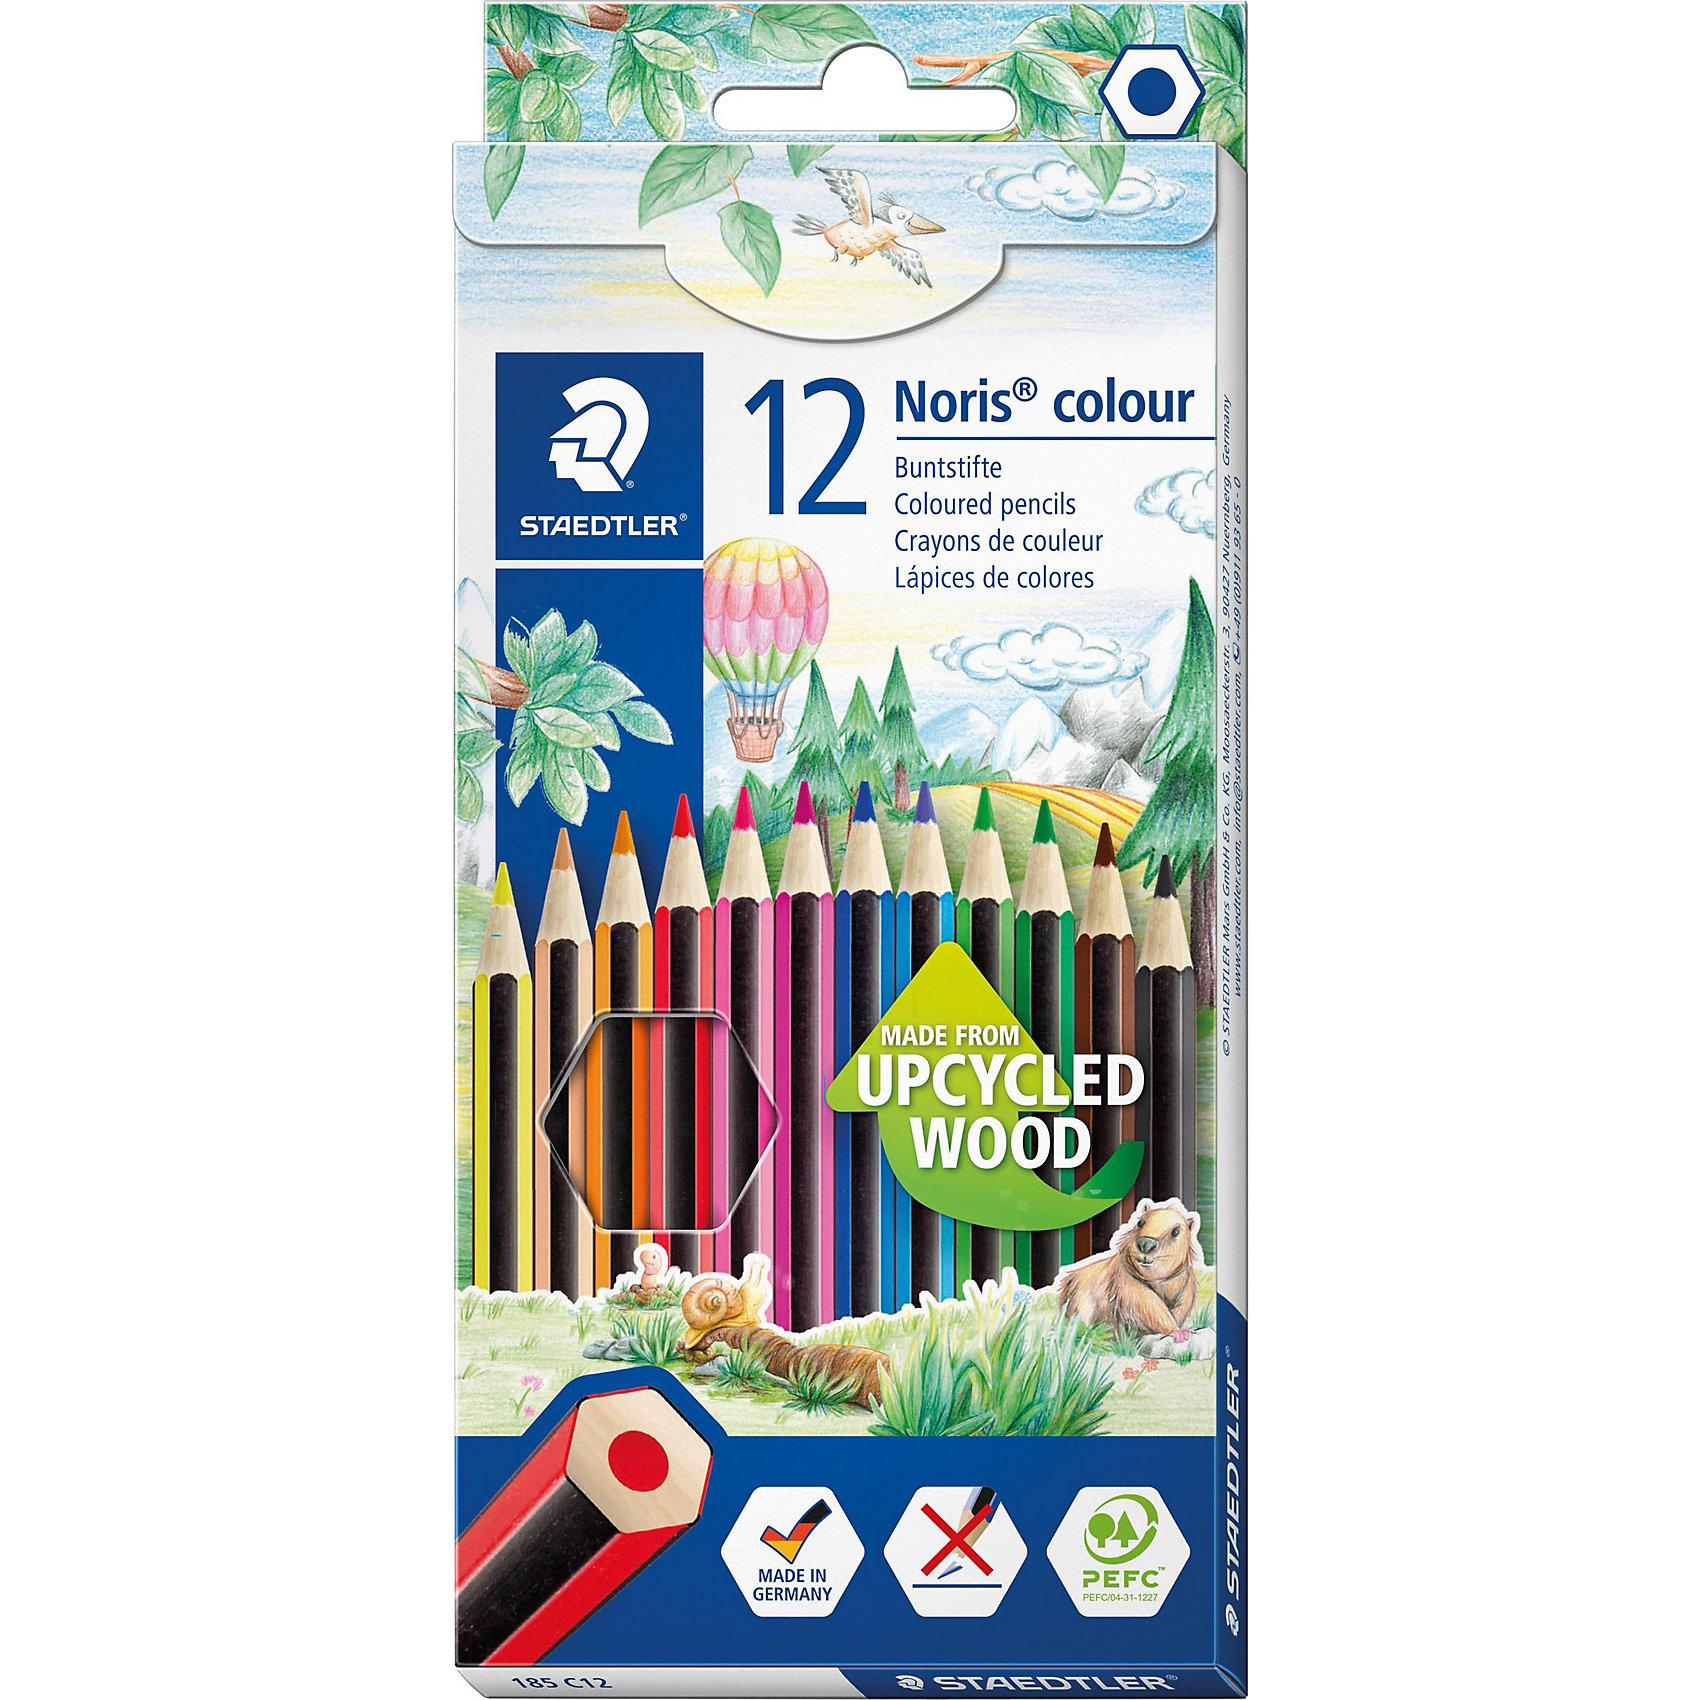 Карандаш цветные Noris Colour,  12 цвНовые цветные карандаши  Noris Color 185 из инновационного материала Wopex.<br> Сделаны из нового природного волокнистого материала: 70% древесины+пластиковый композит.<br> Высокое качество письма, рисования, эскизов.  Нескользящая, бархатистая поверхность; особенно ударопрочный корпус и грифель; гладкое письмо.  Инновационный, однородный материал Wopex обеспечивает исключительно гладкую и ровную заточку с любым качеством точилки. <br>Текст и рисунки легко стереть. Упаковка  - 12 цветов.<br><br>Ширина мм: 197<br>Глубина мм: 89<br>Высота мм: 10<br>Вес г: 112<br>Возраст от месяцев: 60<br>Возраст до месяцев: 168<br>Пол: Унисекс<br>Возраст: Детский<br>SKU: 4918515